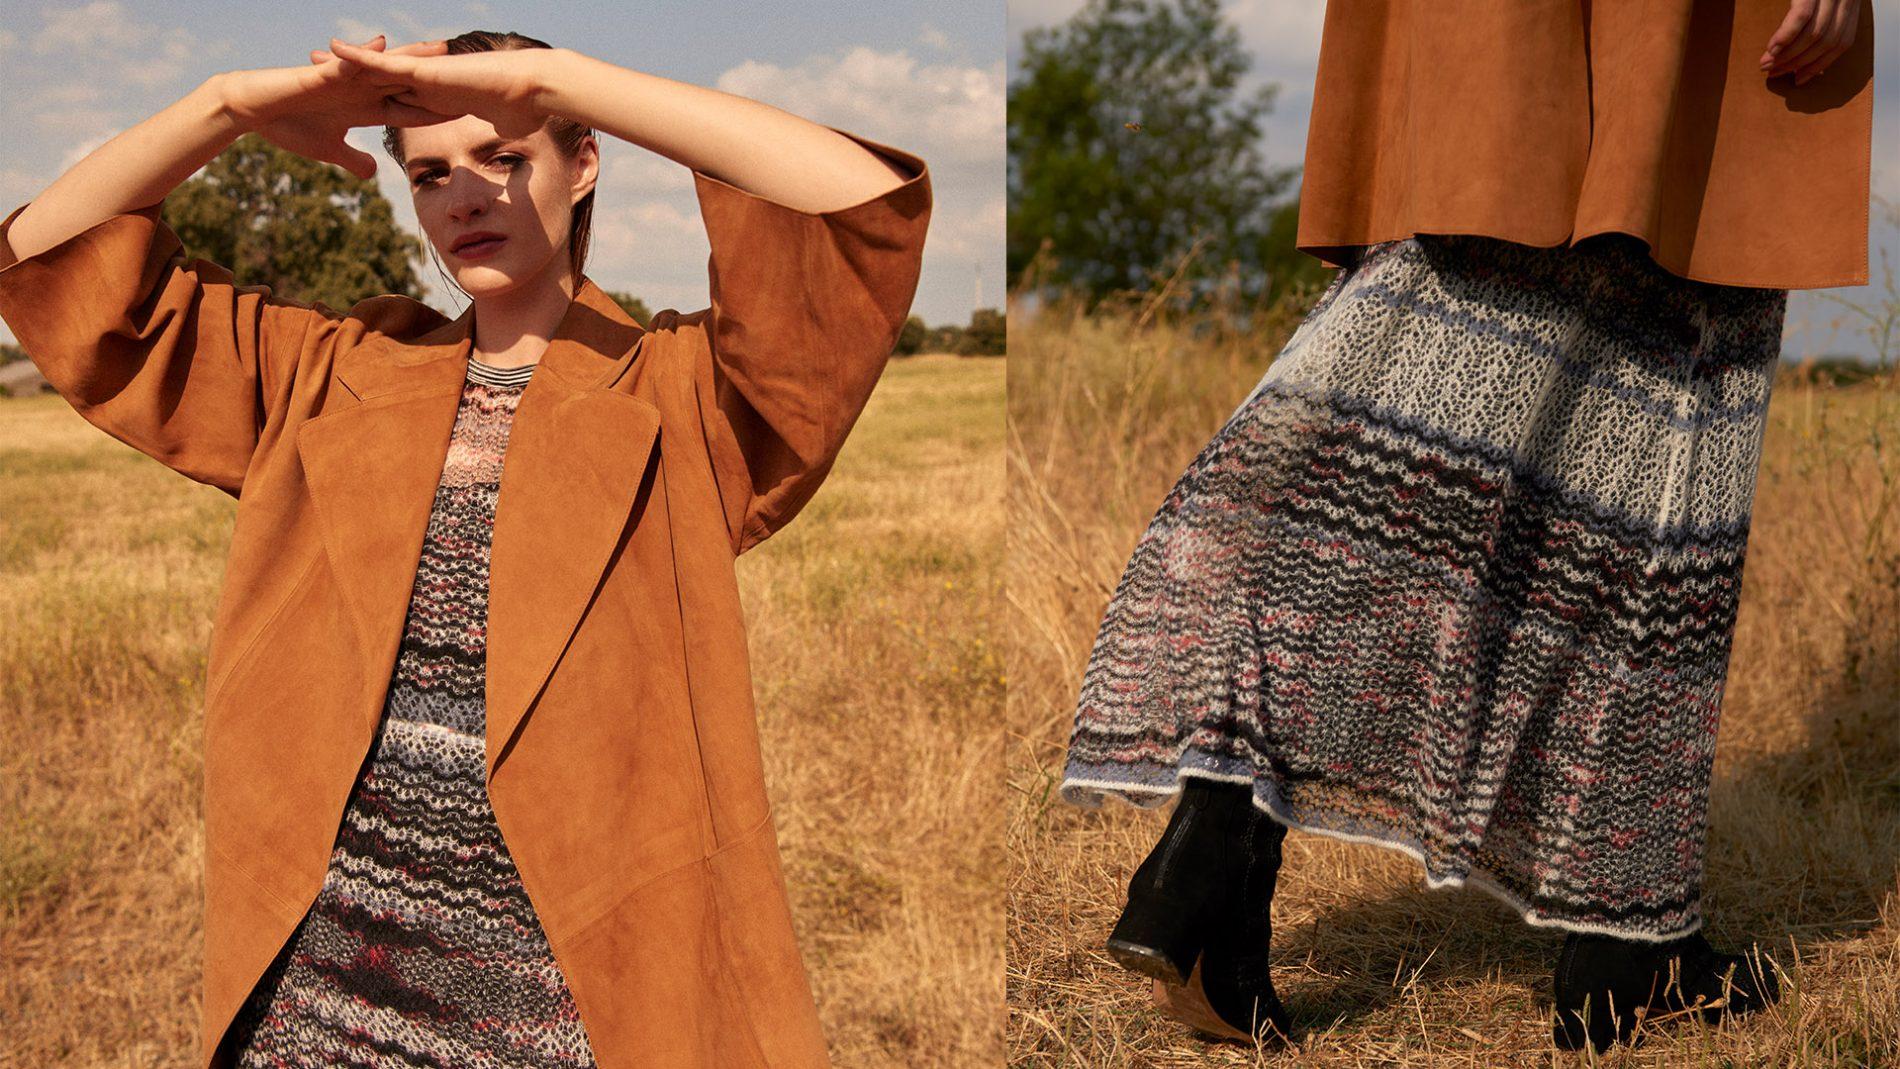 El Corte Inglés Designer Ready-To-Wear Shoes Missoni Alexandre Birman